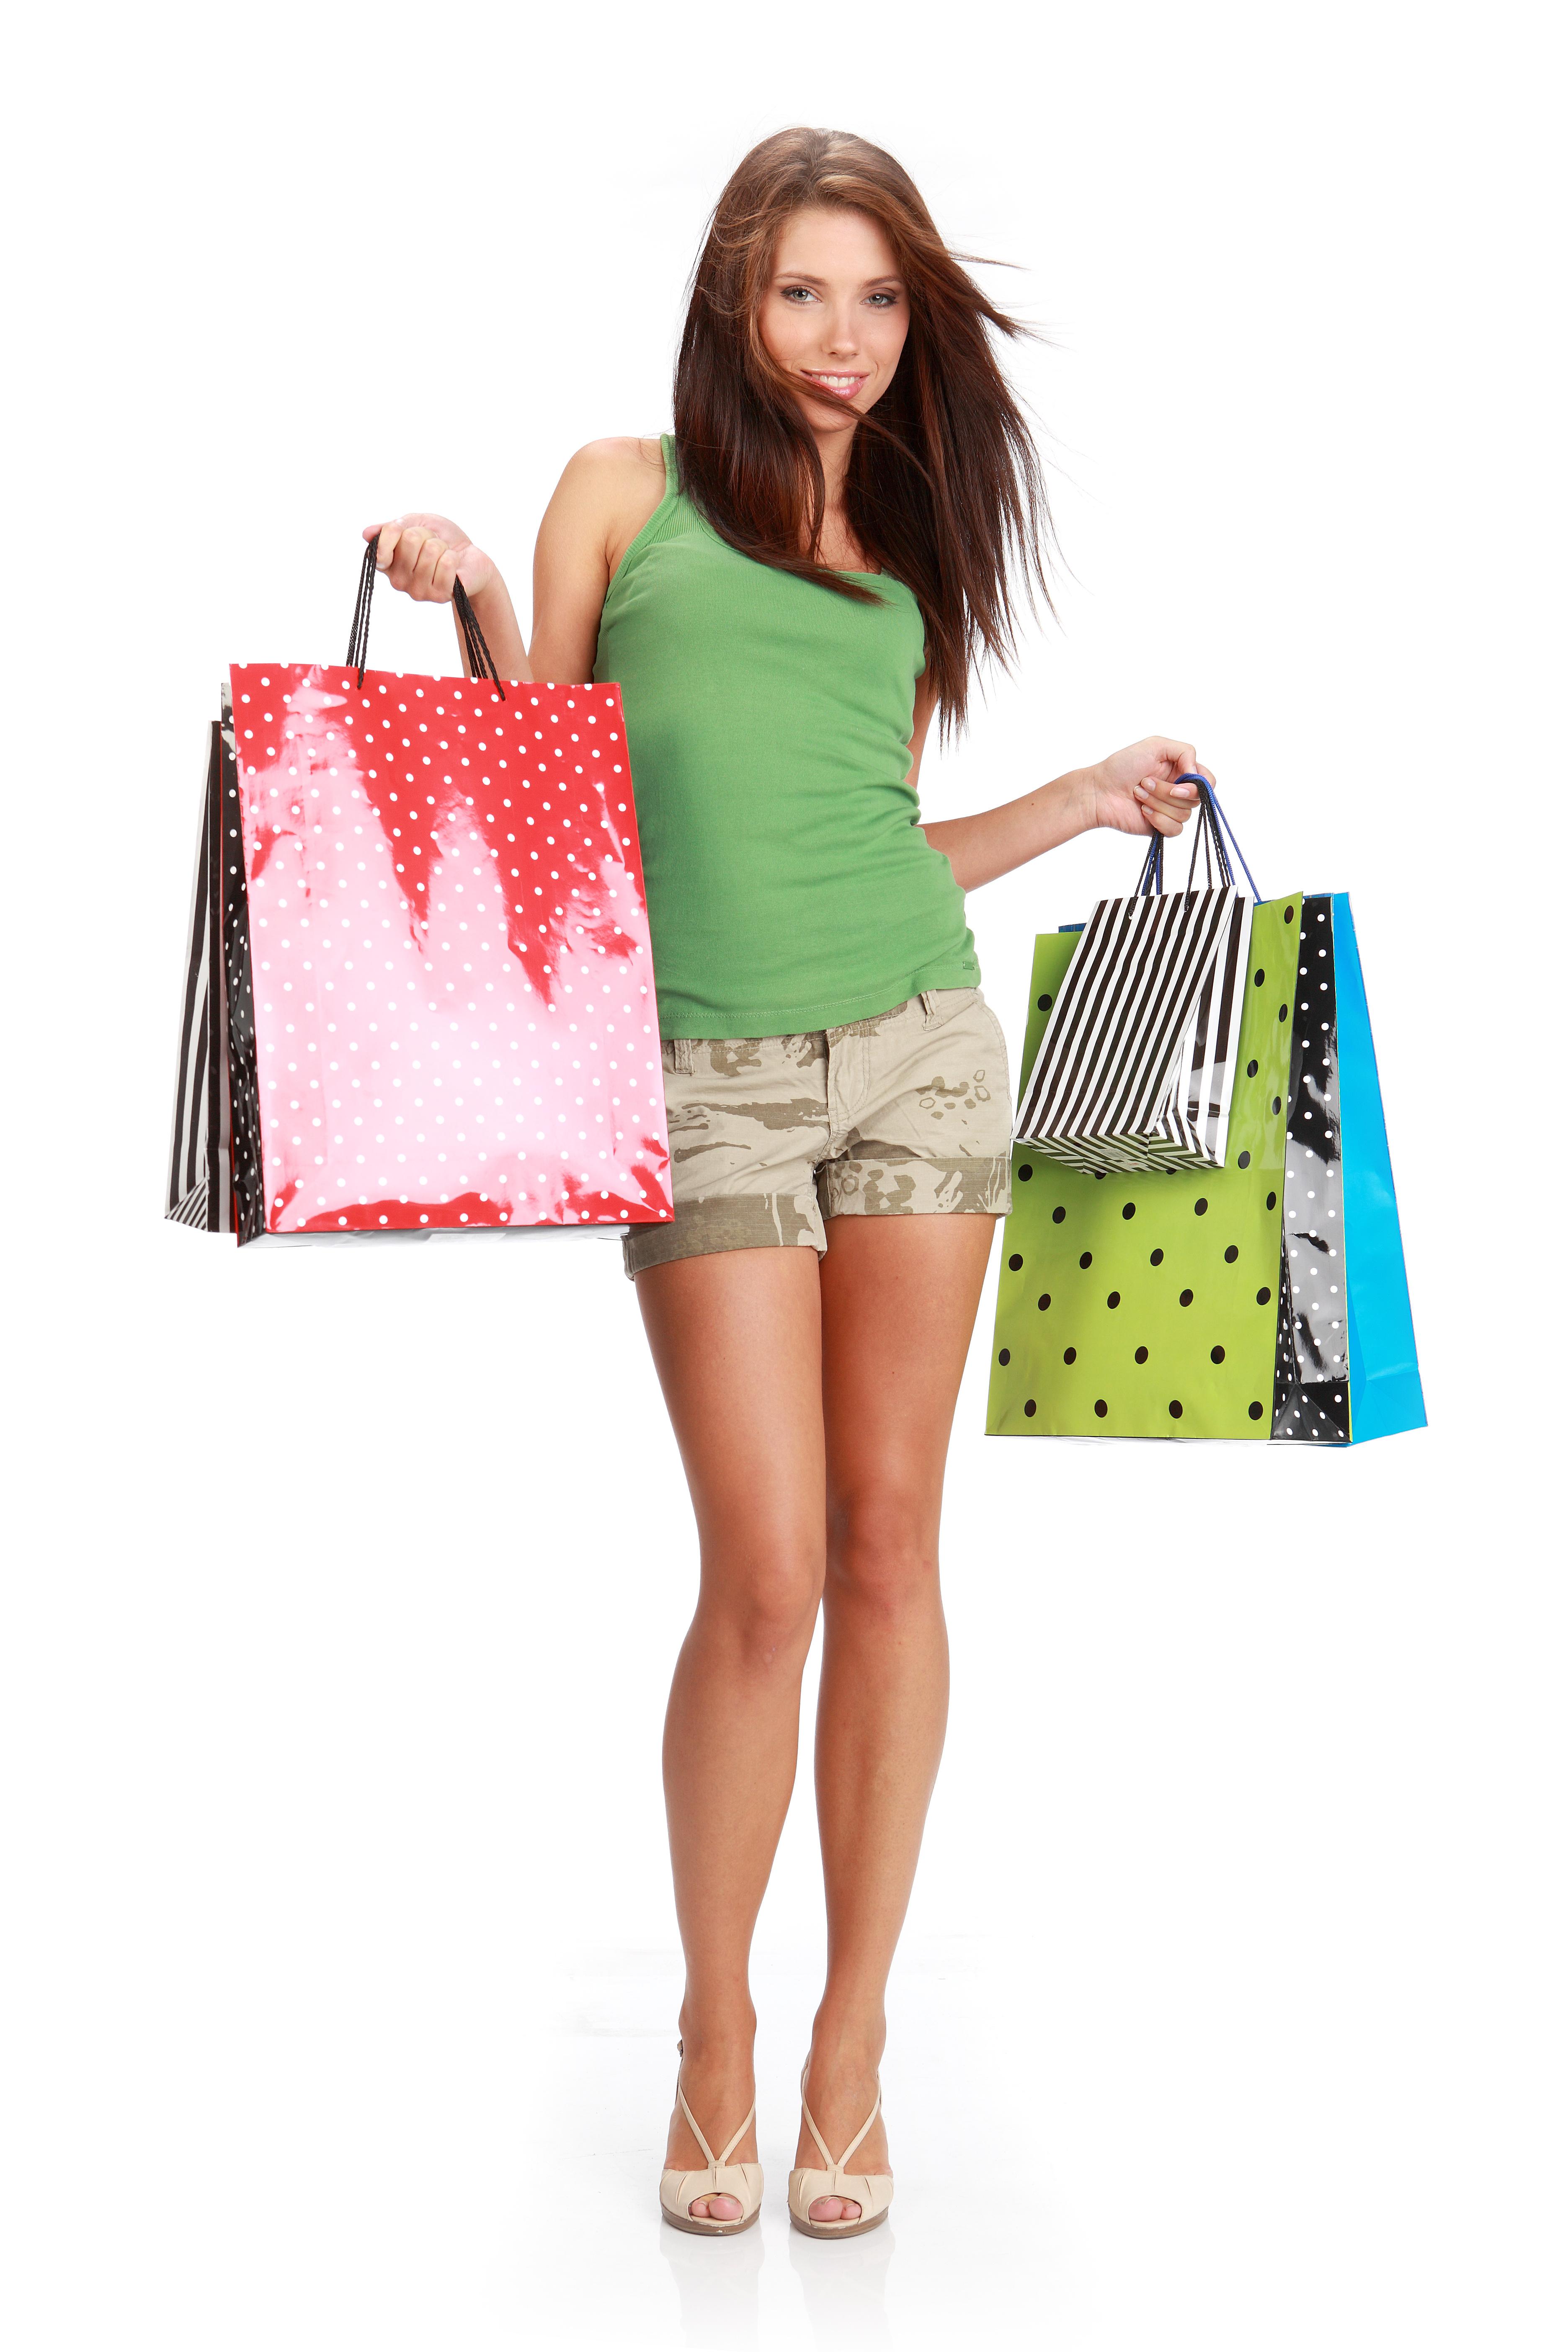 Фото девушки с красивыми ногами 8 фотография